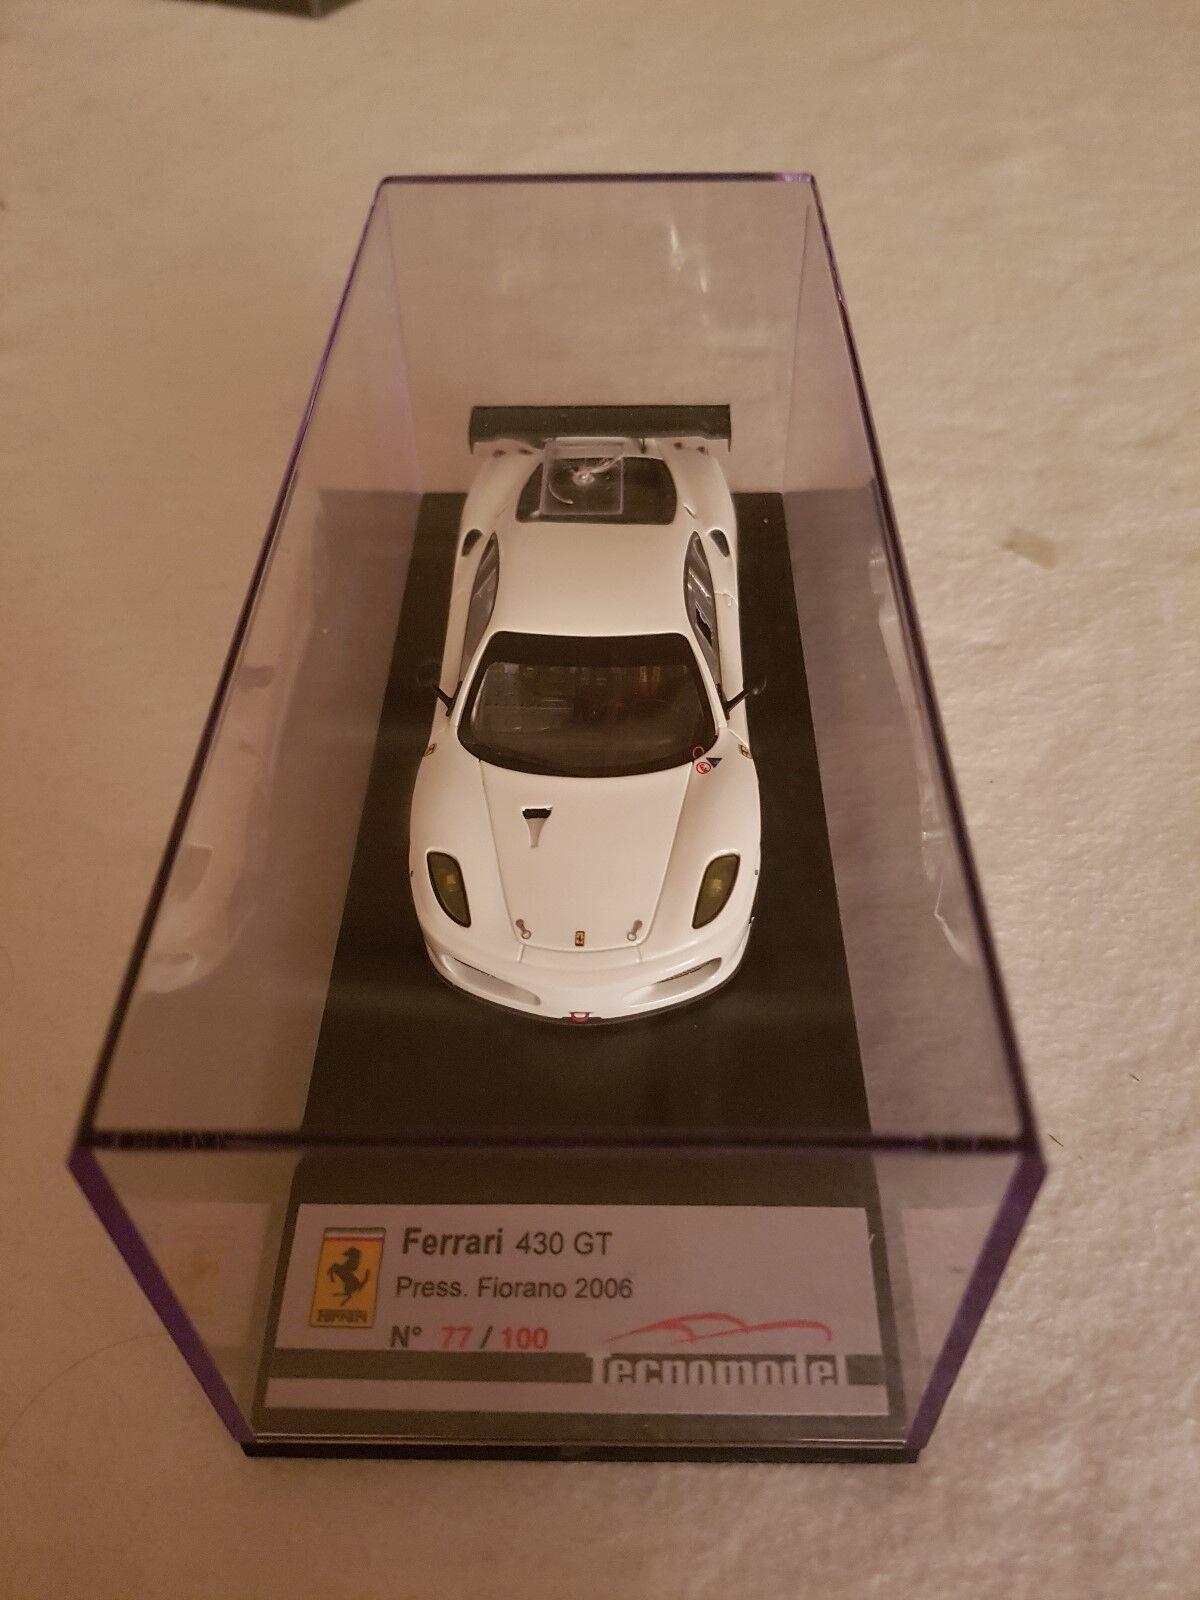 1/43 Ferrari 430 GT Presentazione Fiorano by TECNOMODEL